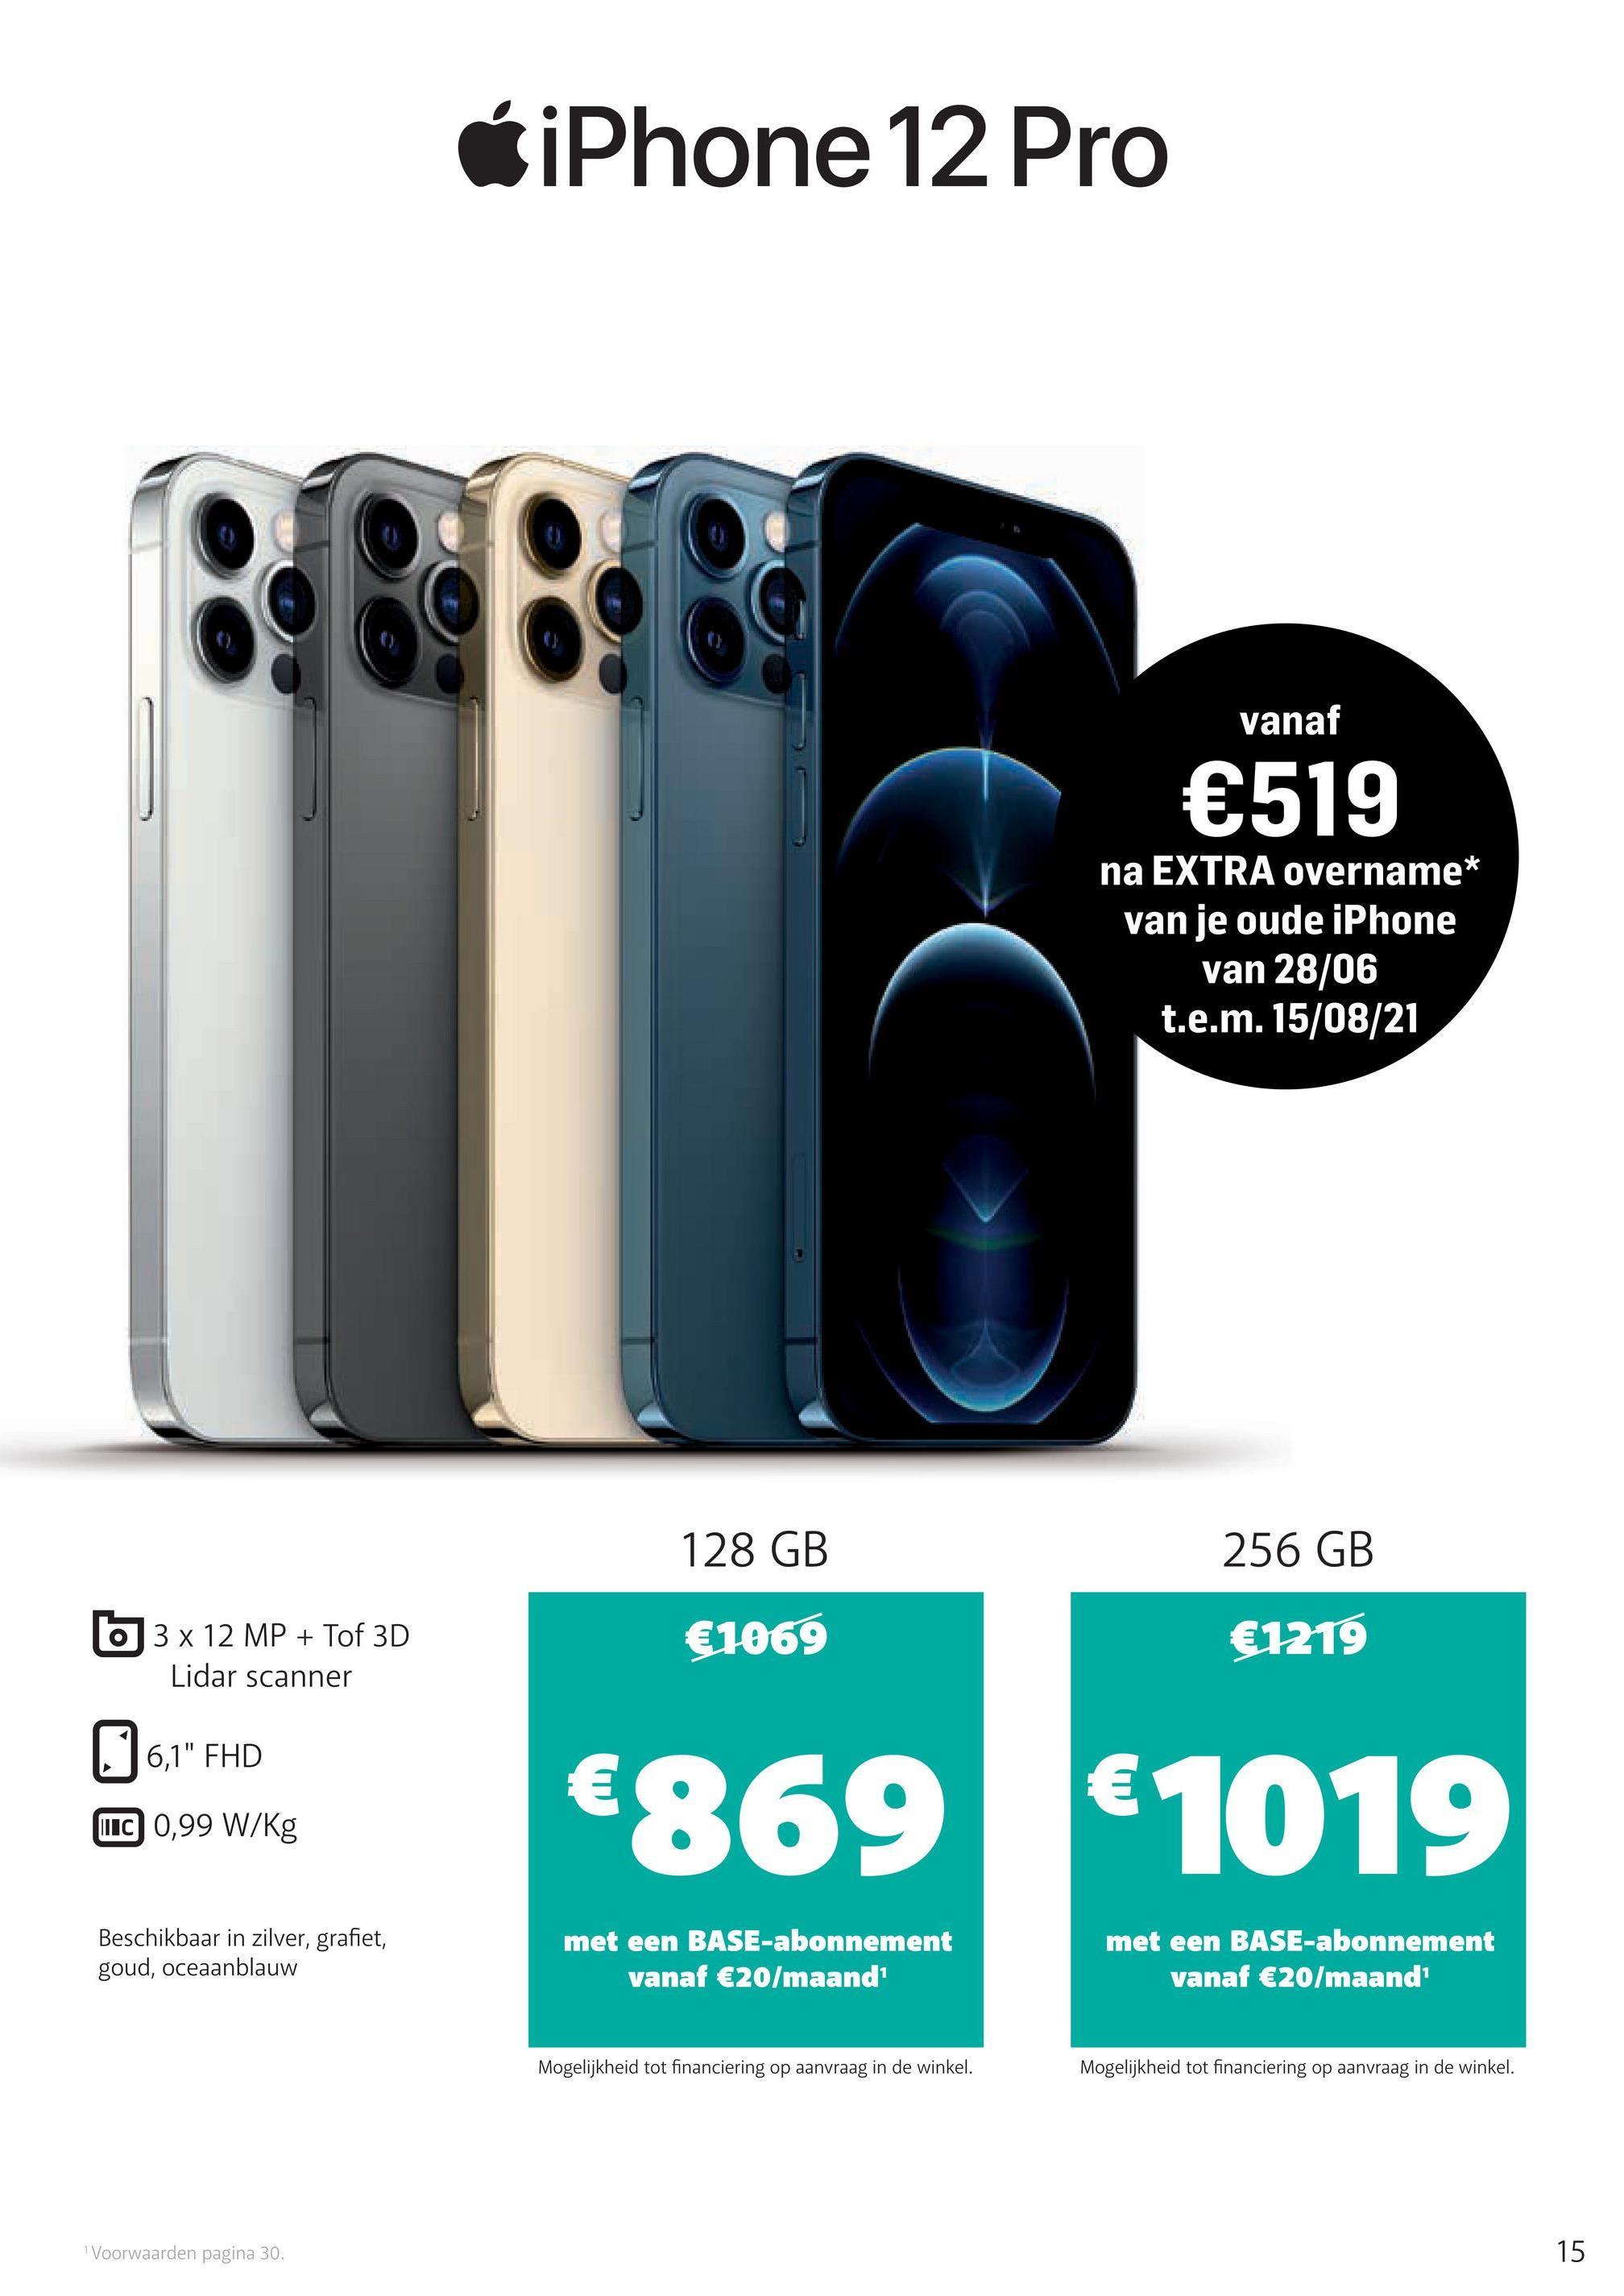 """iPhone 12 Pro BE vanaf €519 na EXTRA overname* van je oude iPhone van 28/06 t.e.m. 15/08/21 128 GB 256 GB O 3 x 12 MP + Tof 3D Lidar scanner €1069 €1219 6,1"""" FHD € TIC 0,99 W/kg €869 € 1019 Beschikbaar in zilver, grafiet, goud, oceaanblauw met een BASE-abonnement vanaf €20/maand met een BASE-abonnement vanaf €20/maand Mogelijkheid tot financiering op aanvraag in de winkel. Mogelijkheid tot financiering op aanvraag in de winkel. Voorwaarden pagina 30. 15"""